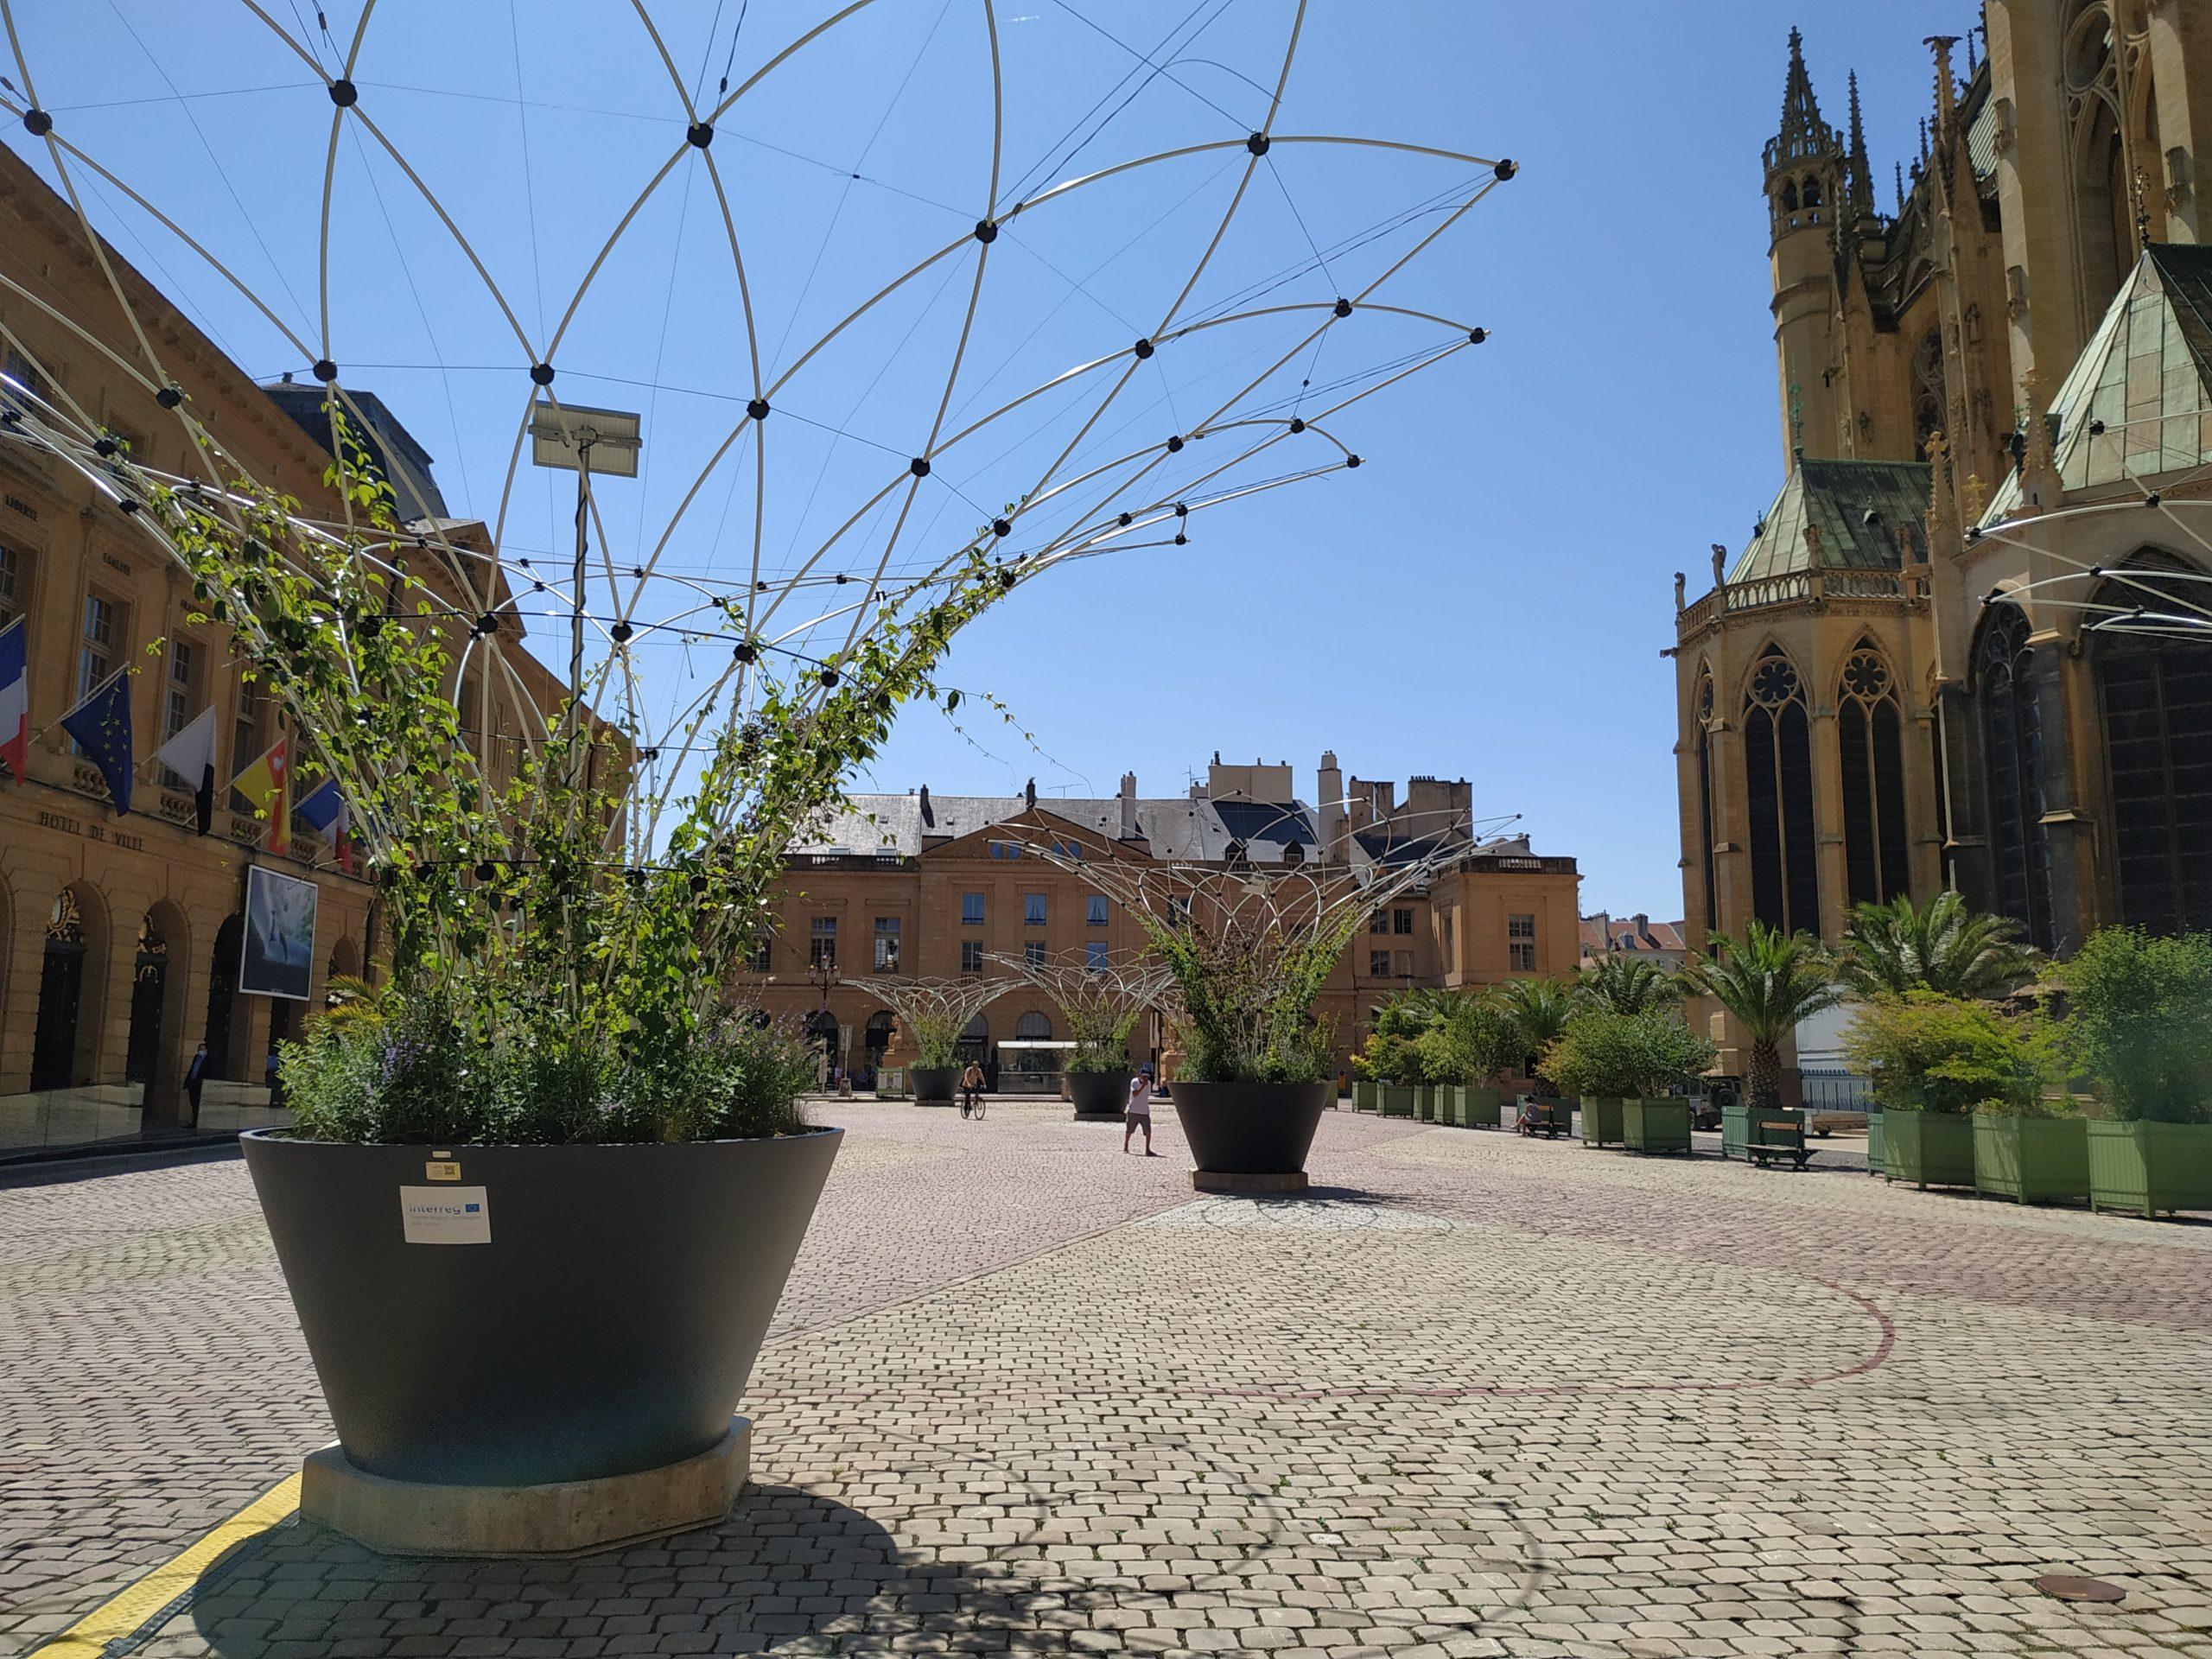 Urbane Blätterdächer kühlen die Place d'Armes in Metz